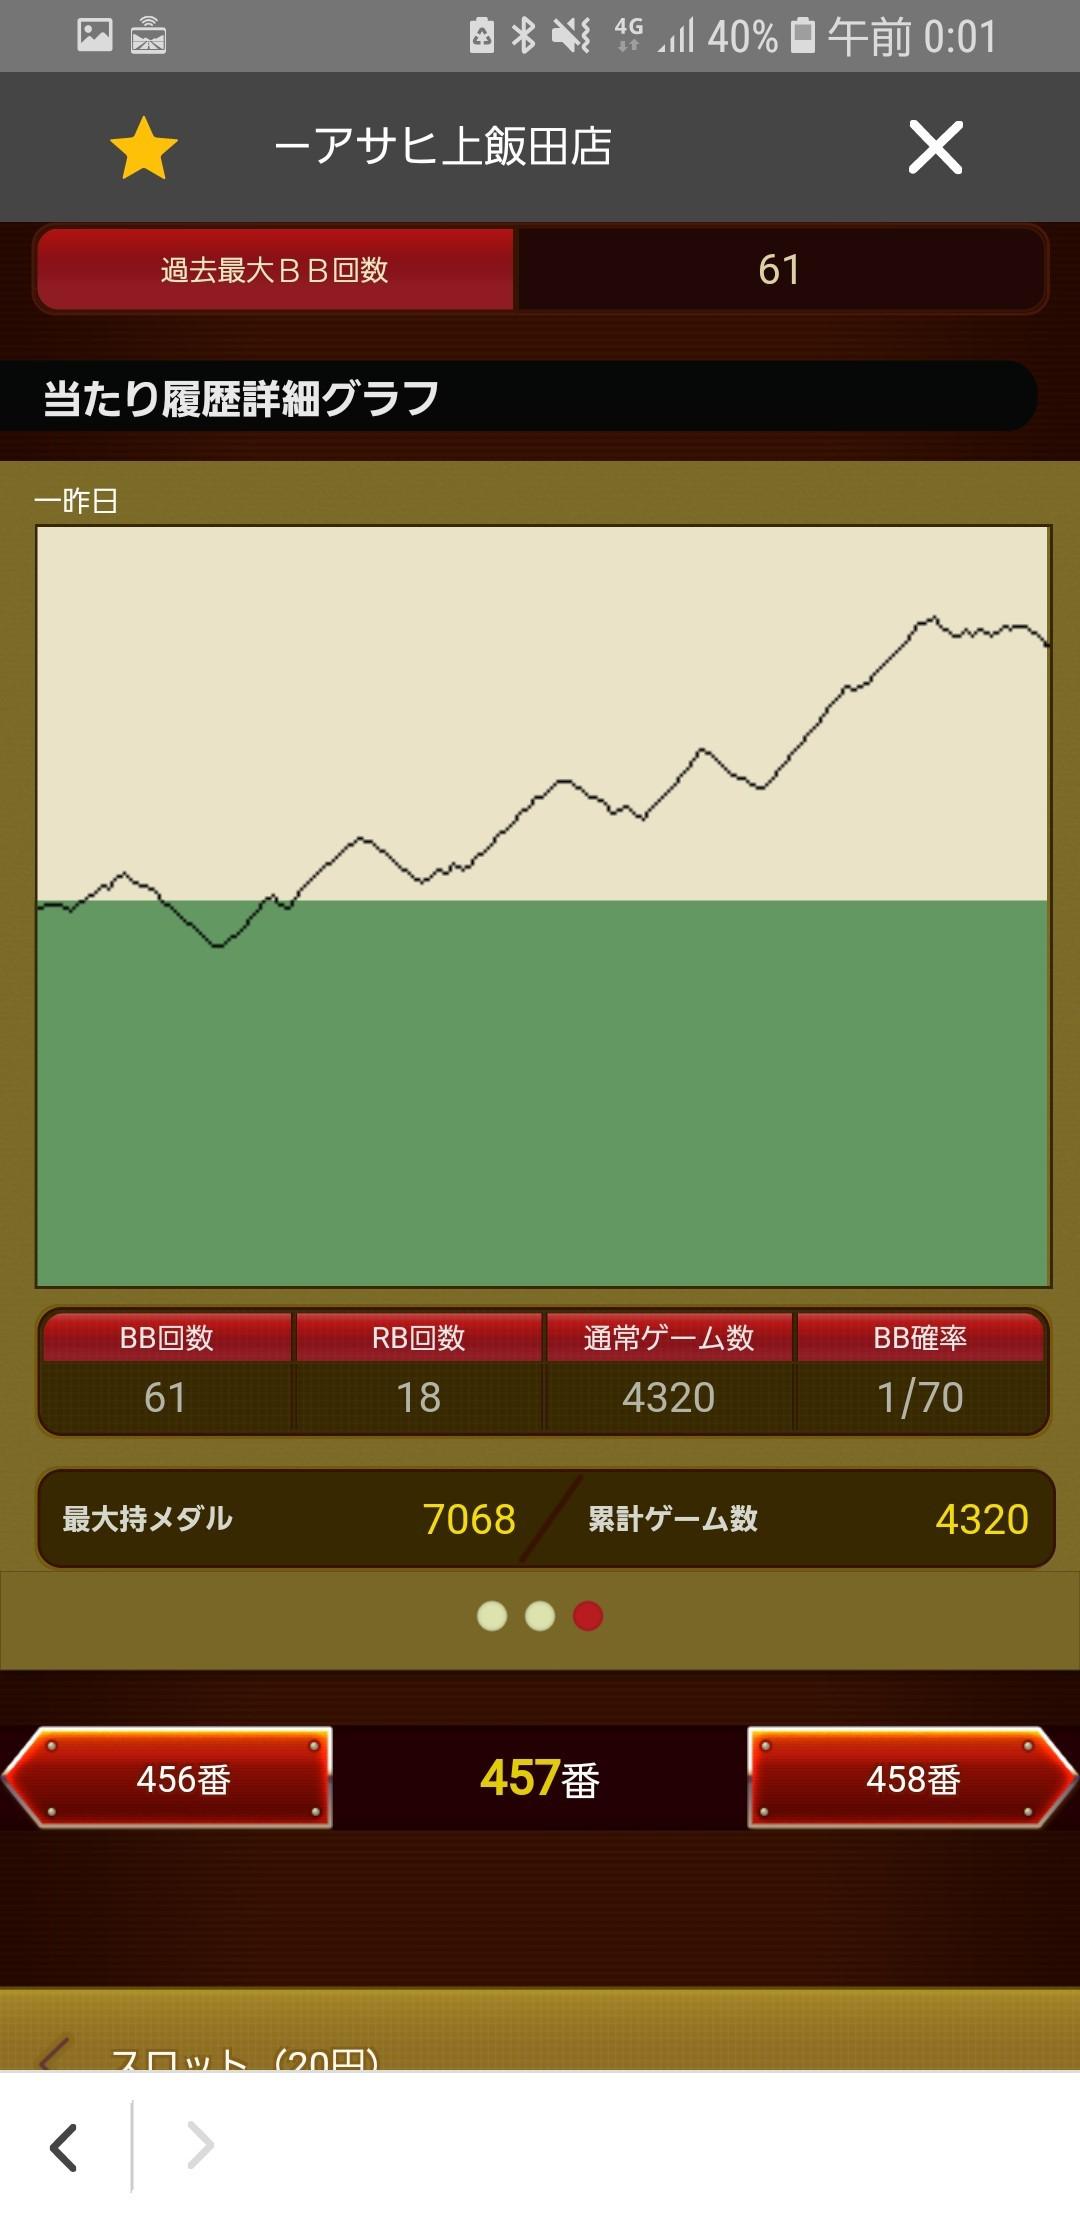 第362回ハズセレ(ニューアサヒ上飯田店)最終報告